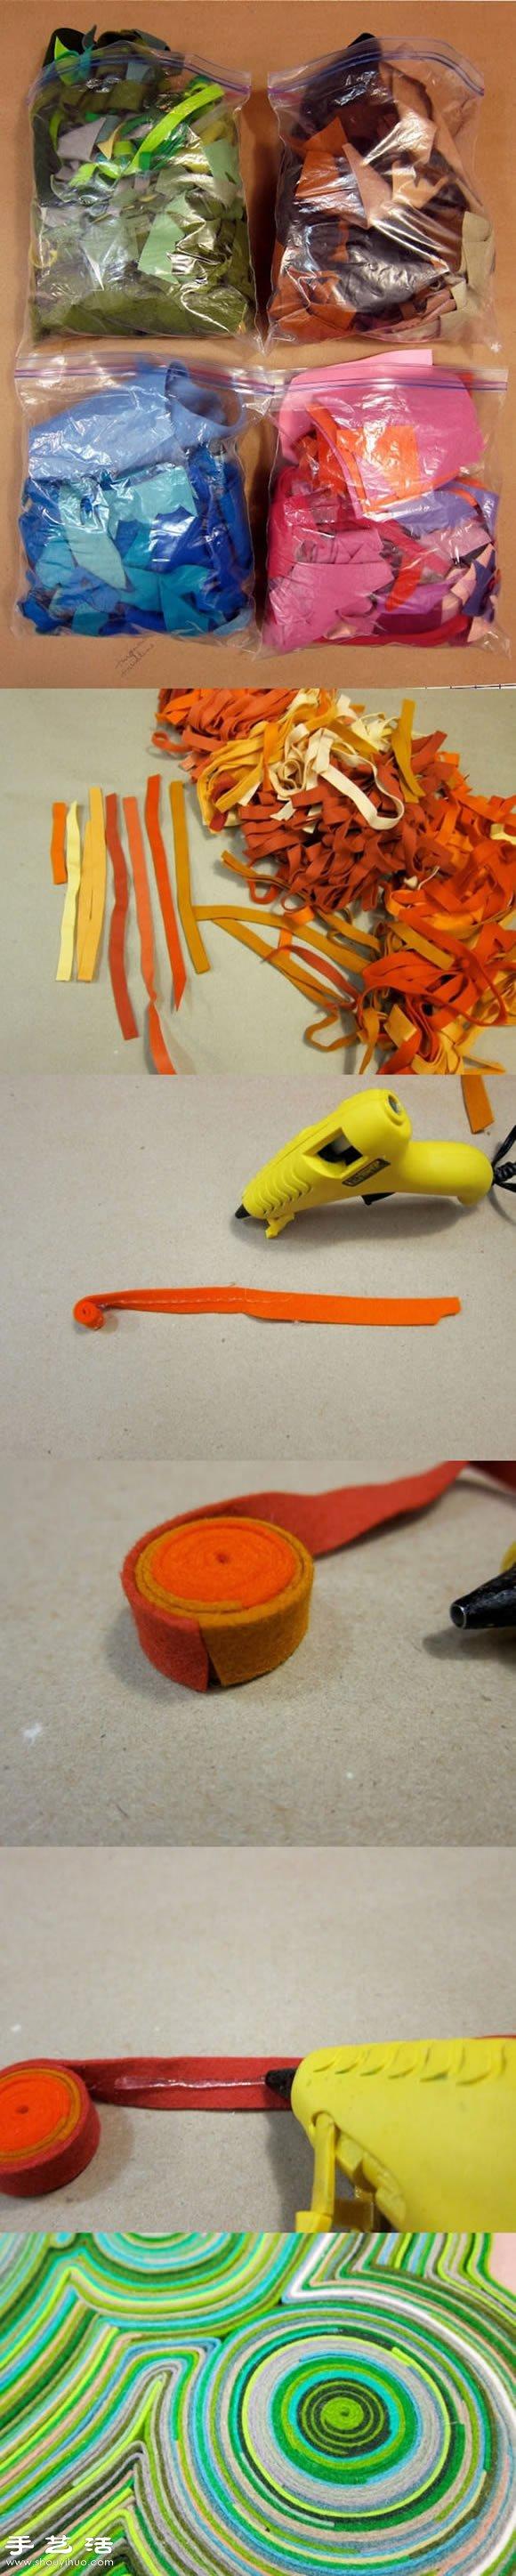 废物利用小制作:用废弃的碎布头diy脚垫